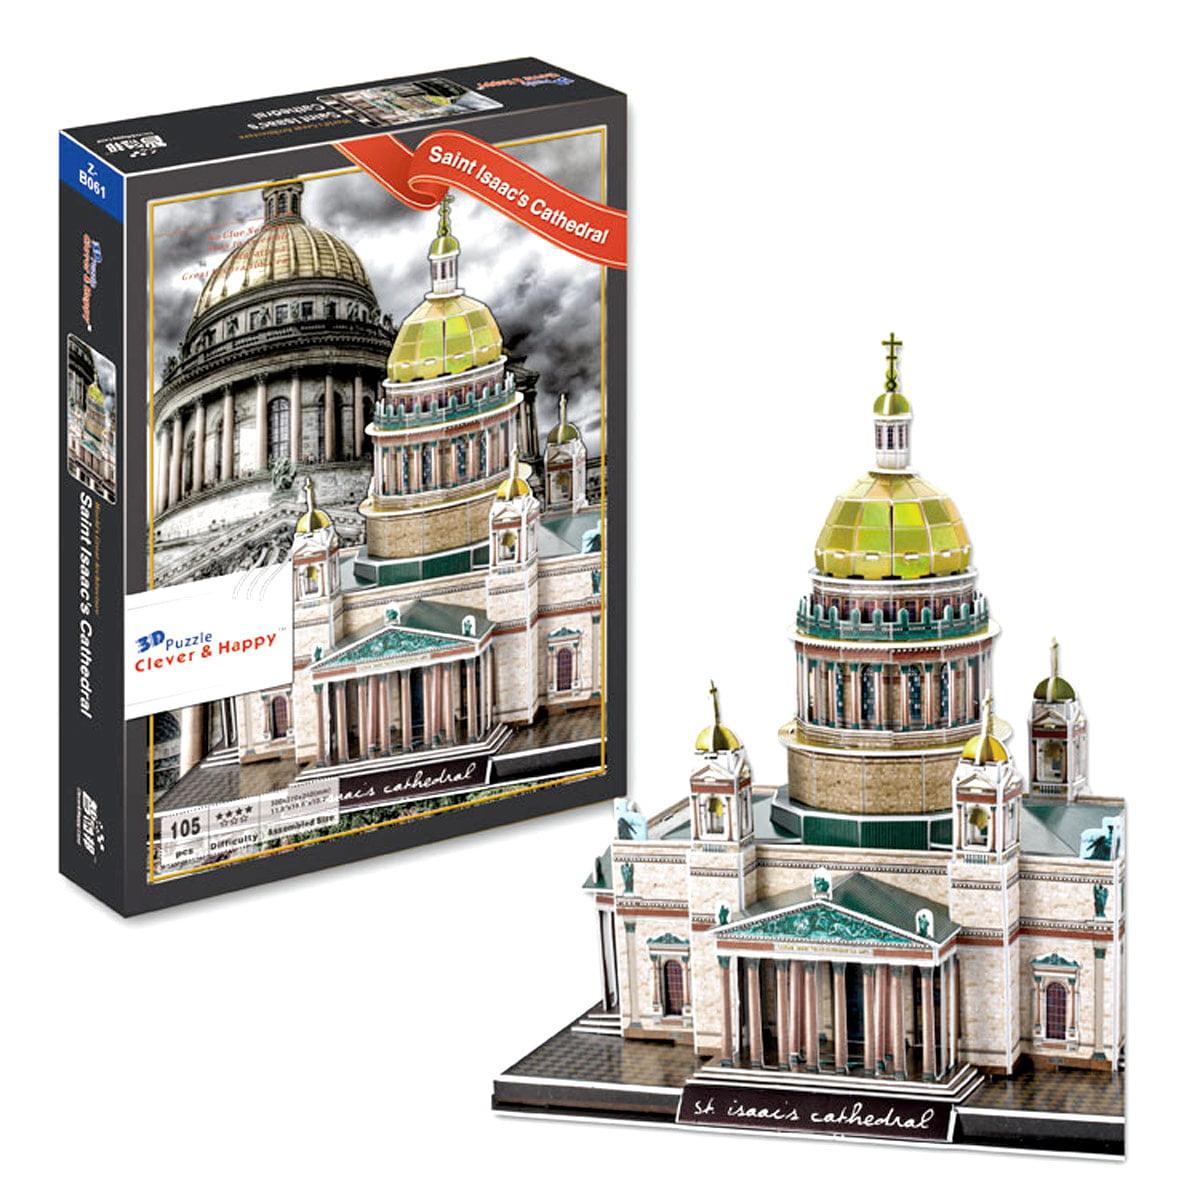 Bisontec Saint Isaacs Cathedral 3D Puzzle, 105 Pieces by Bisontec